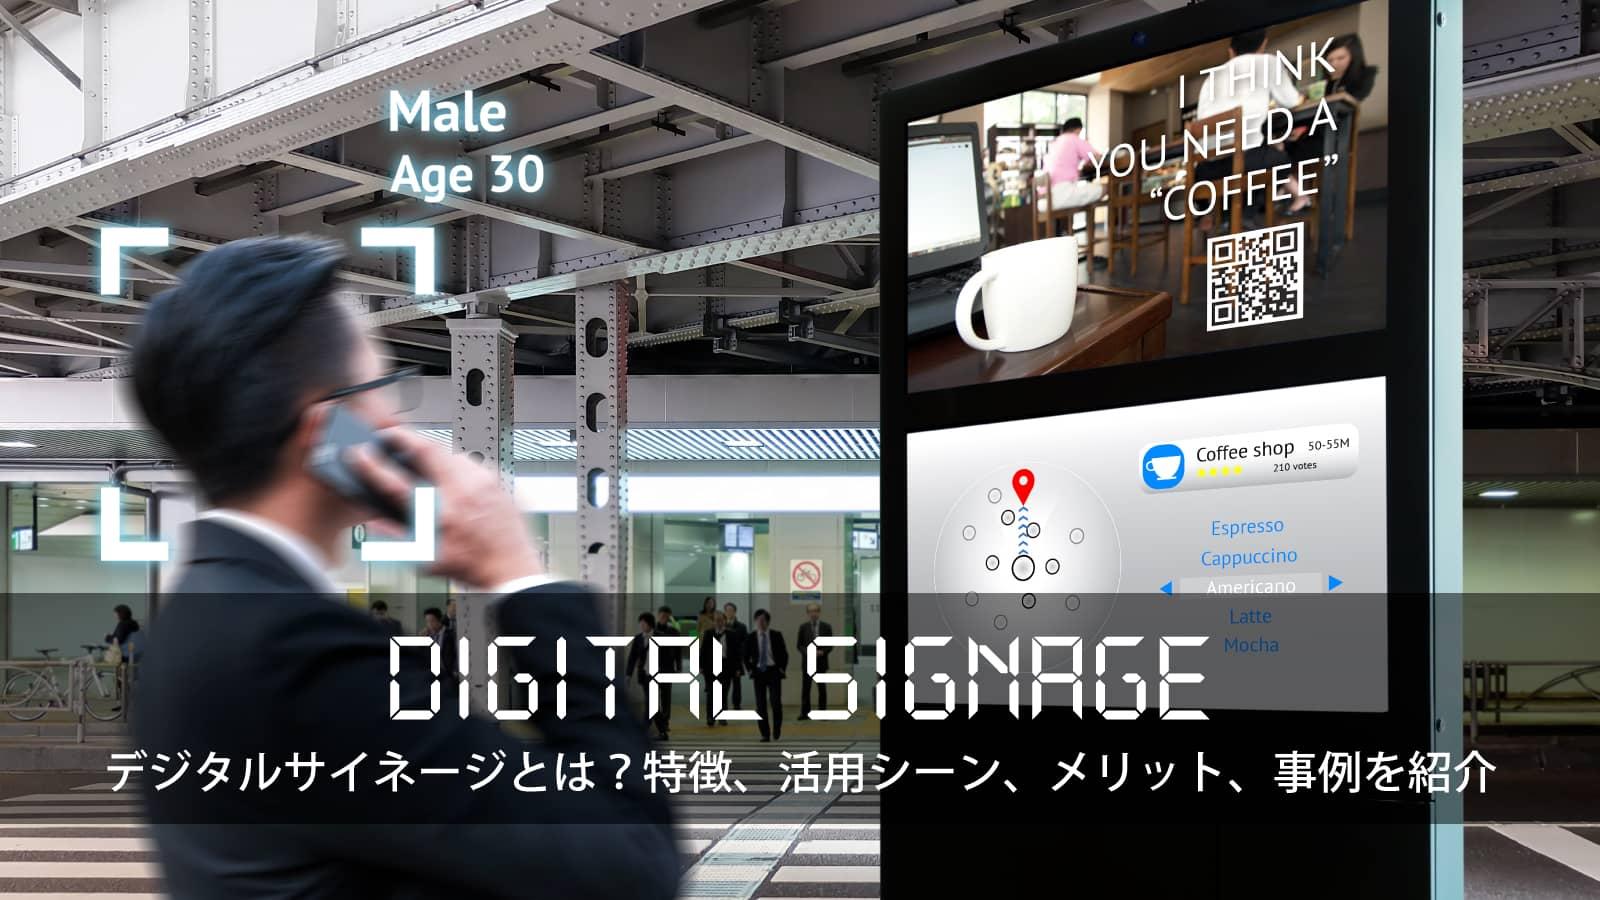 デジタルサイネージとは?特徴、活用シーン、メリット、事例を紹介